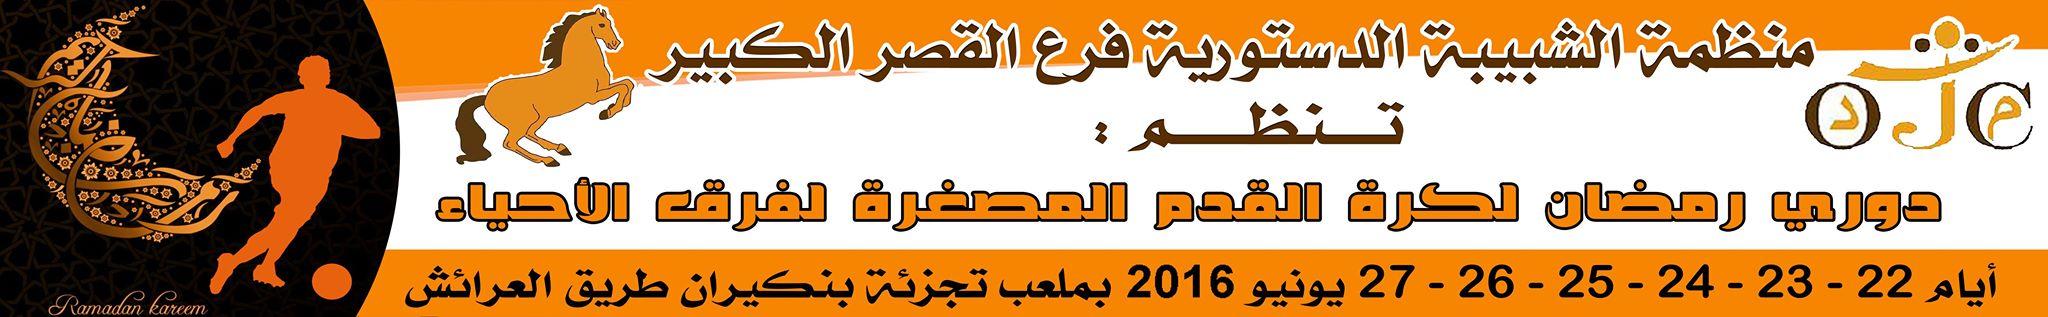 الشبيبة الدستورية فرع القصر الكبير : تنظم دوري رمضان لفائدة شباب الاحياء بالمدينة